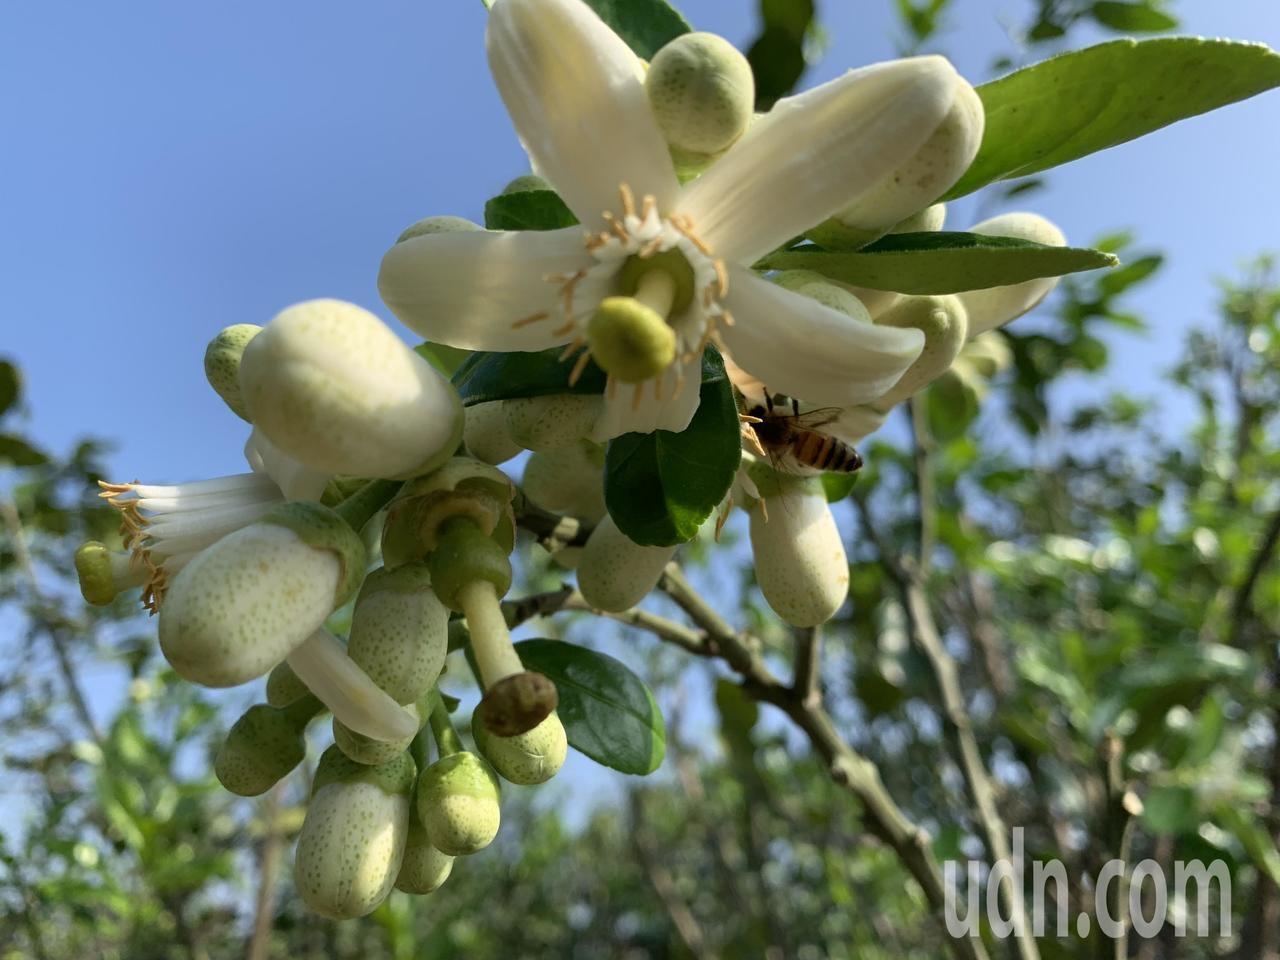 台南麻豆文旦部分最近陸續出現不正常開花,比正常花期早了一個多月,台南農改場認為與暖冬無關。記者吳淑玲/攝影